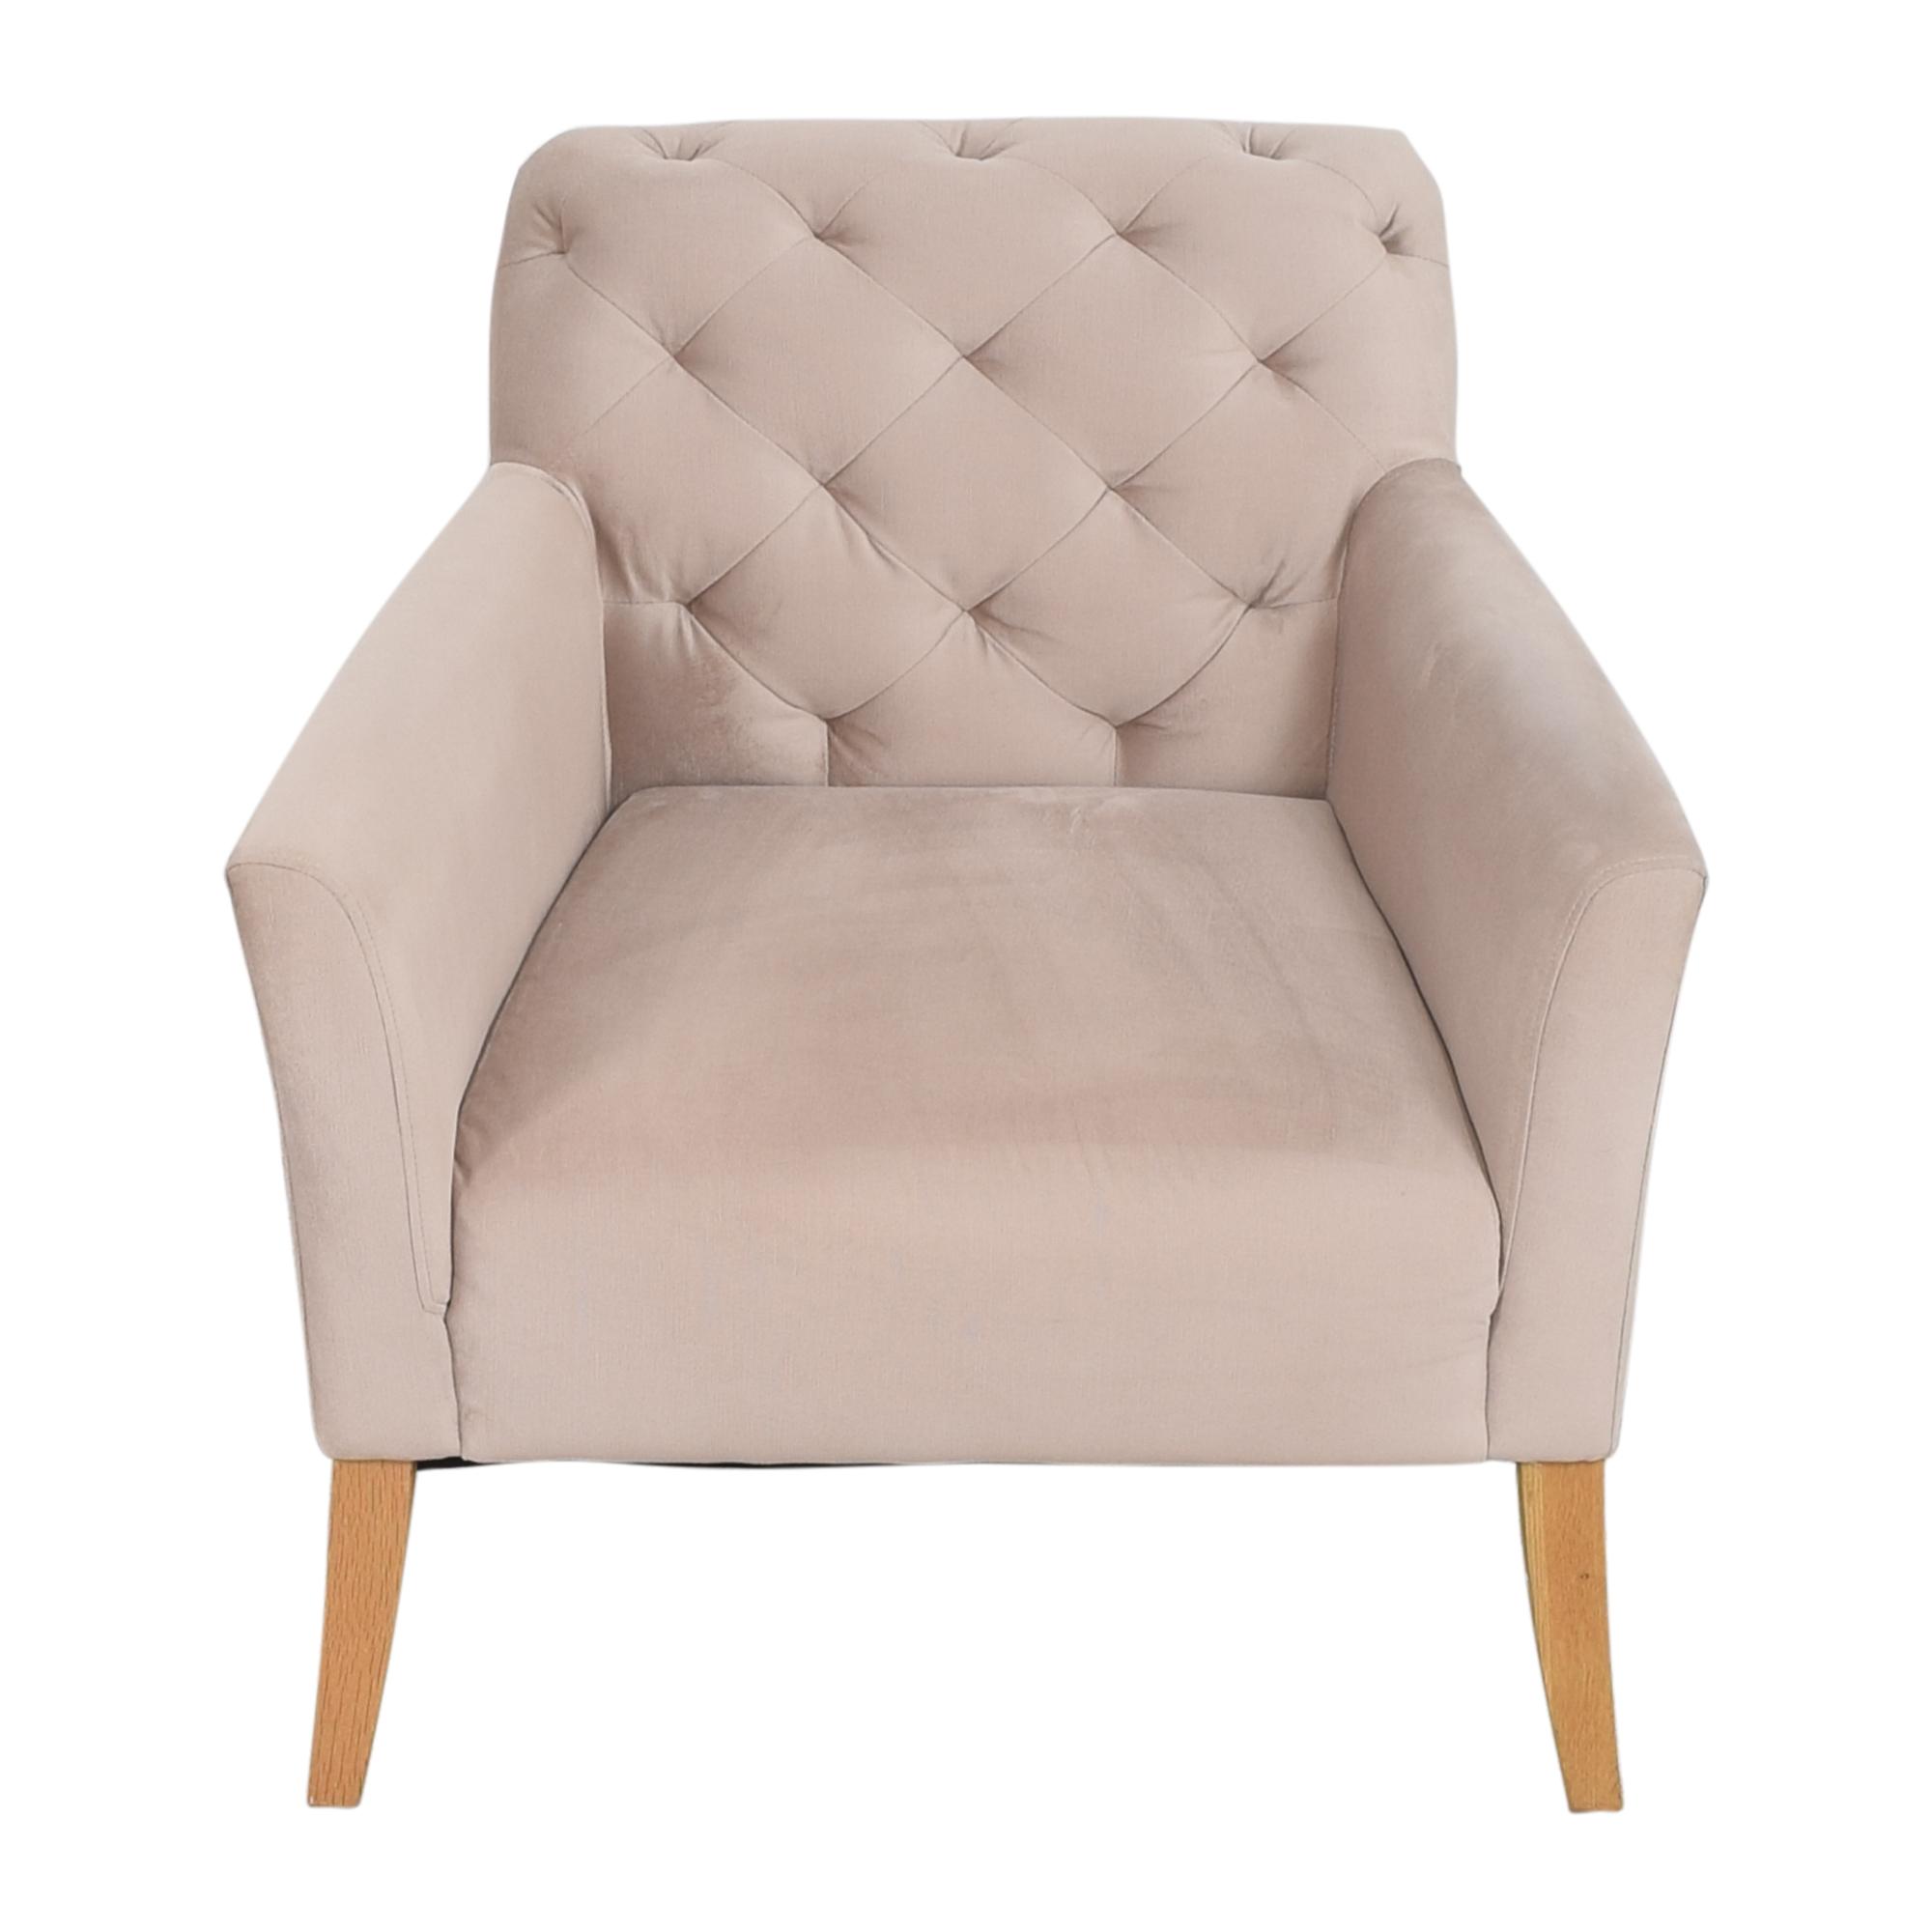 buy West Elm Elton Tufted Arm Chair West Elm